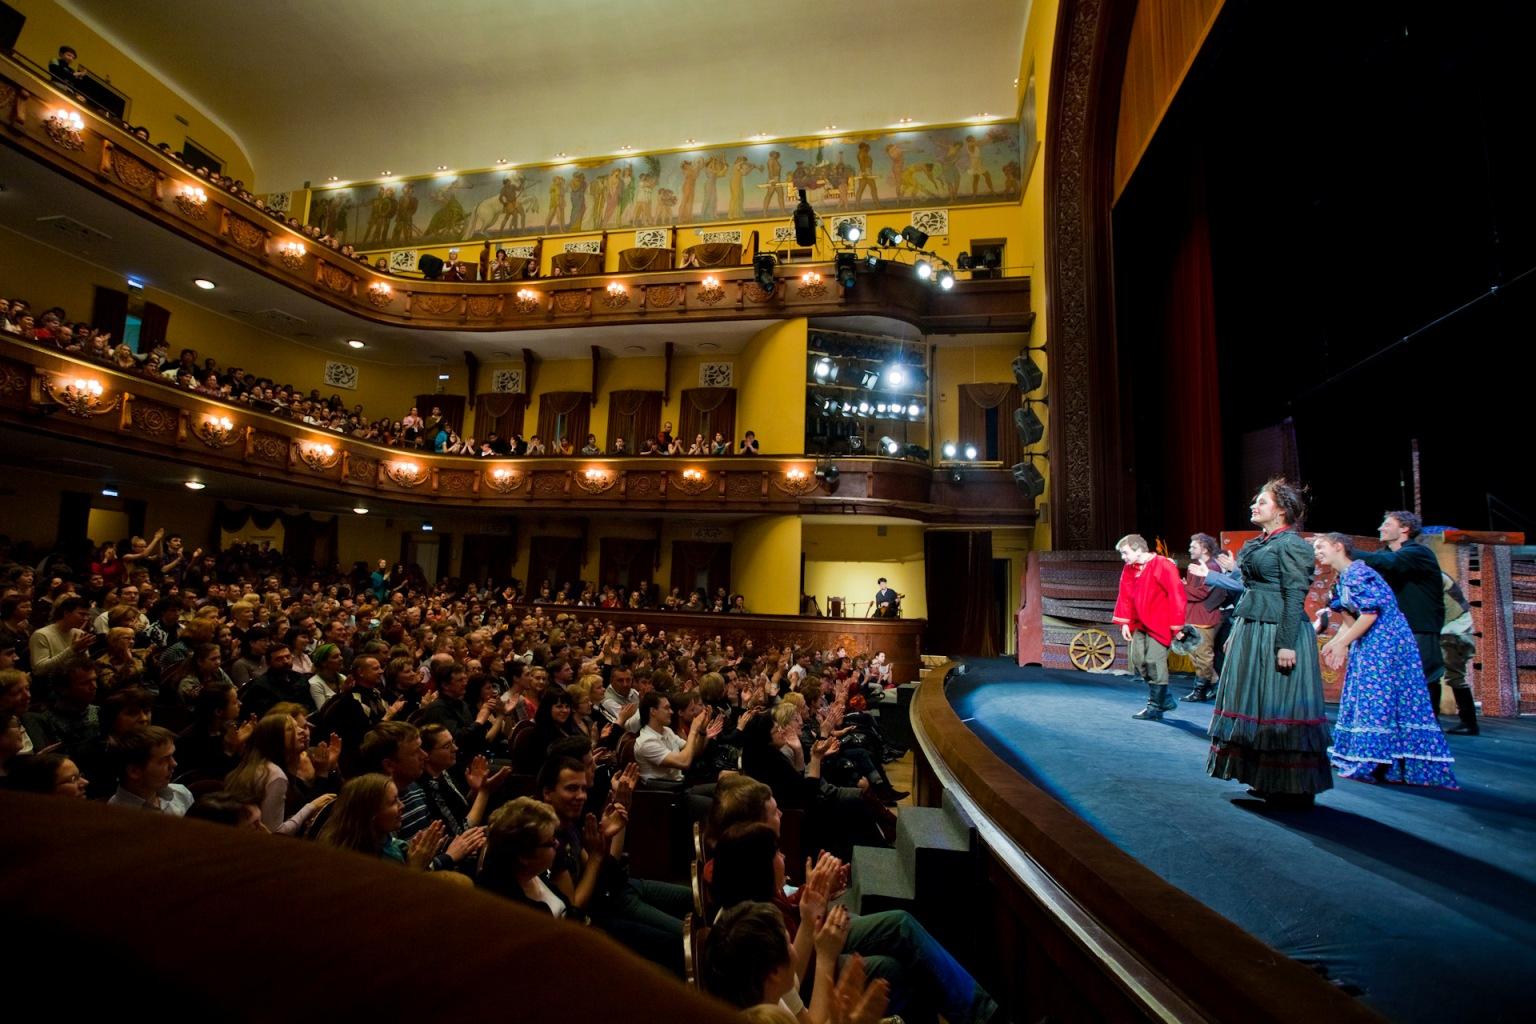 Всемирный день театра в 2018 году - дата, когда отмечают, ис.